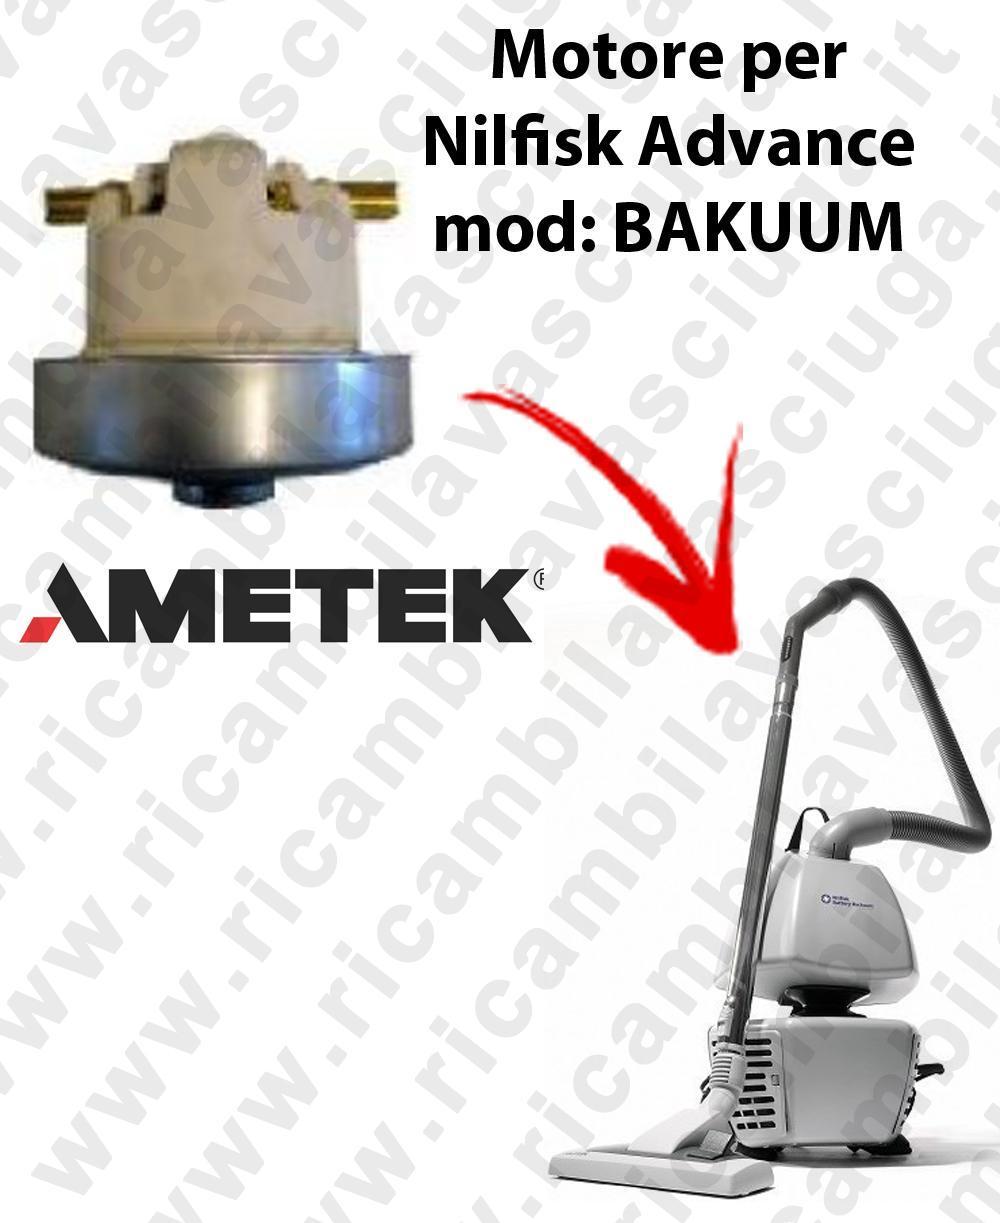 Bakuum  MOTEUR ASPIRATION AMETEK  pour aspirateur Nilfisk Advance